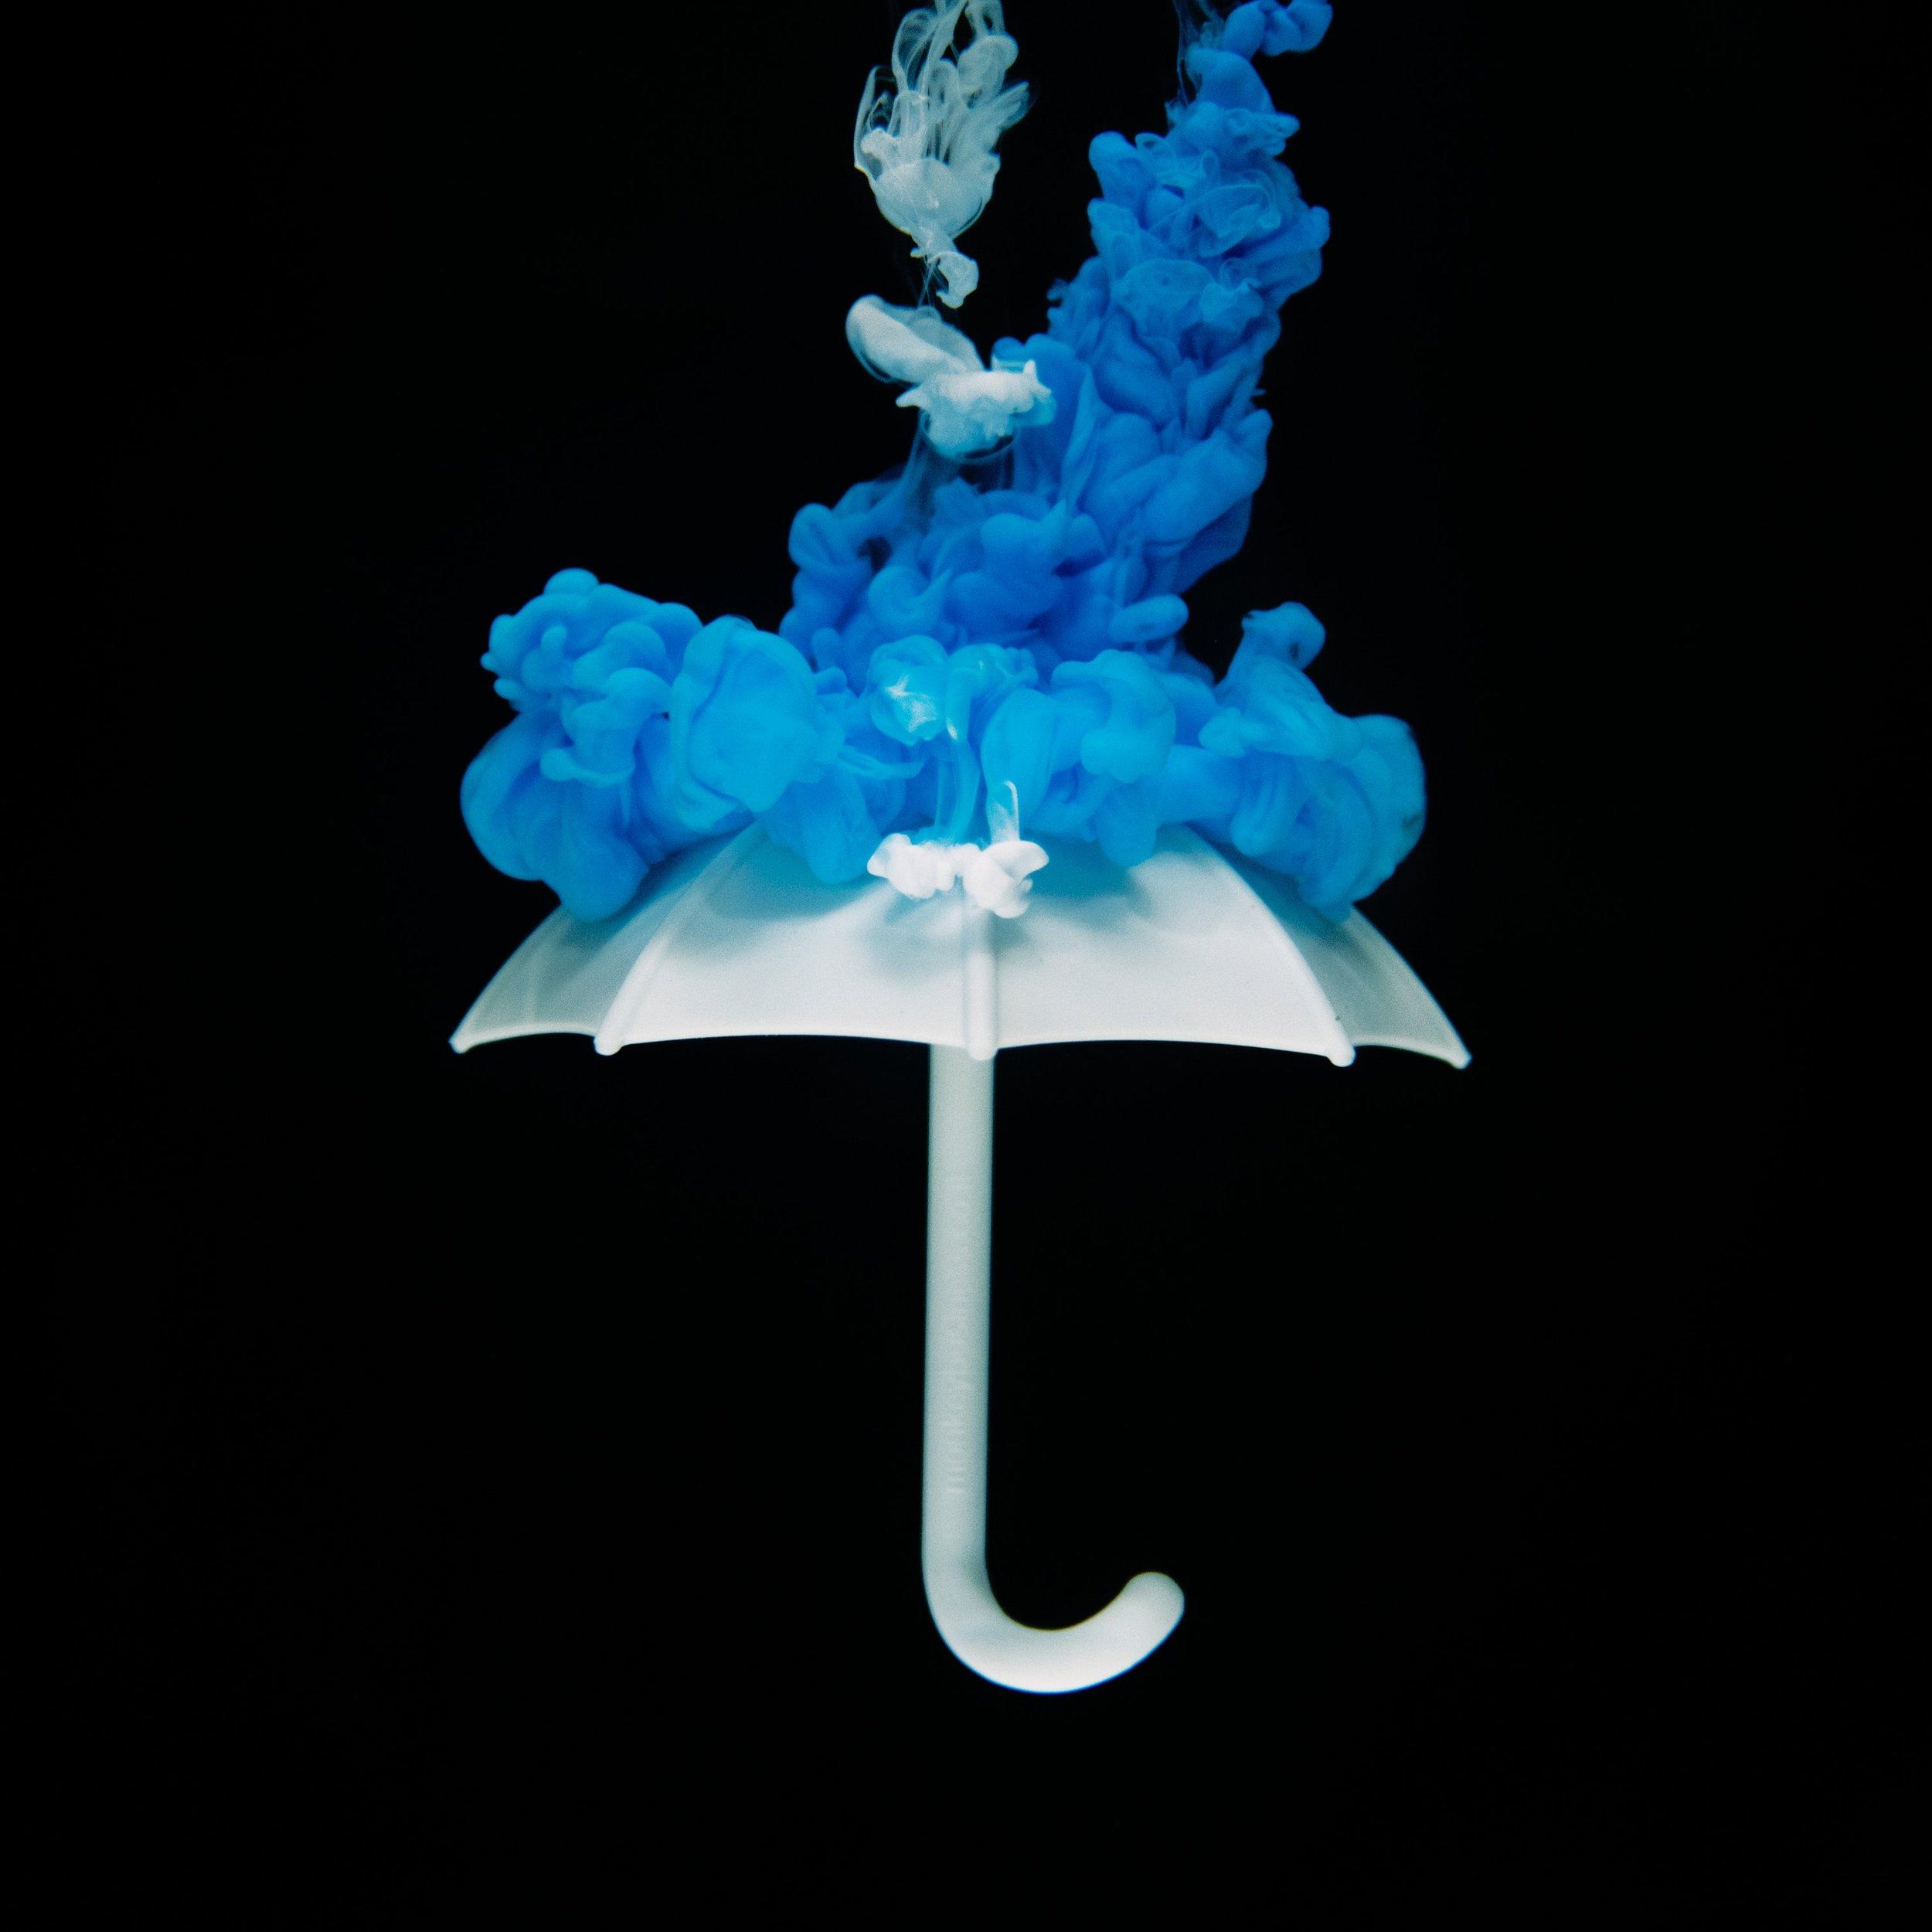 Sur fond noir, un parapluie blanc. Au-dessus de lui, un nuage de fumée bleue et blanche.